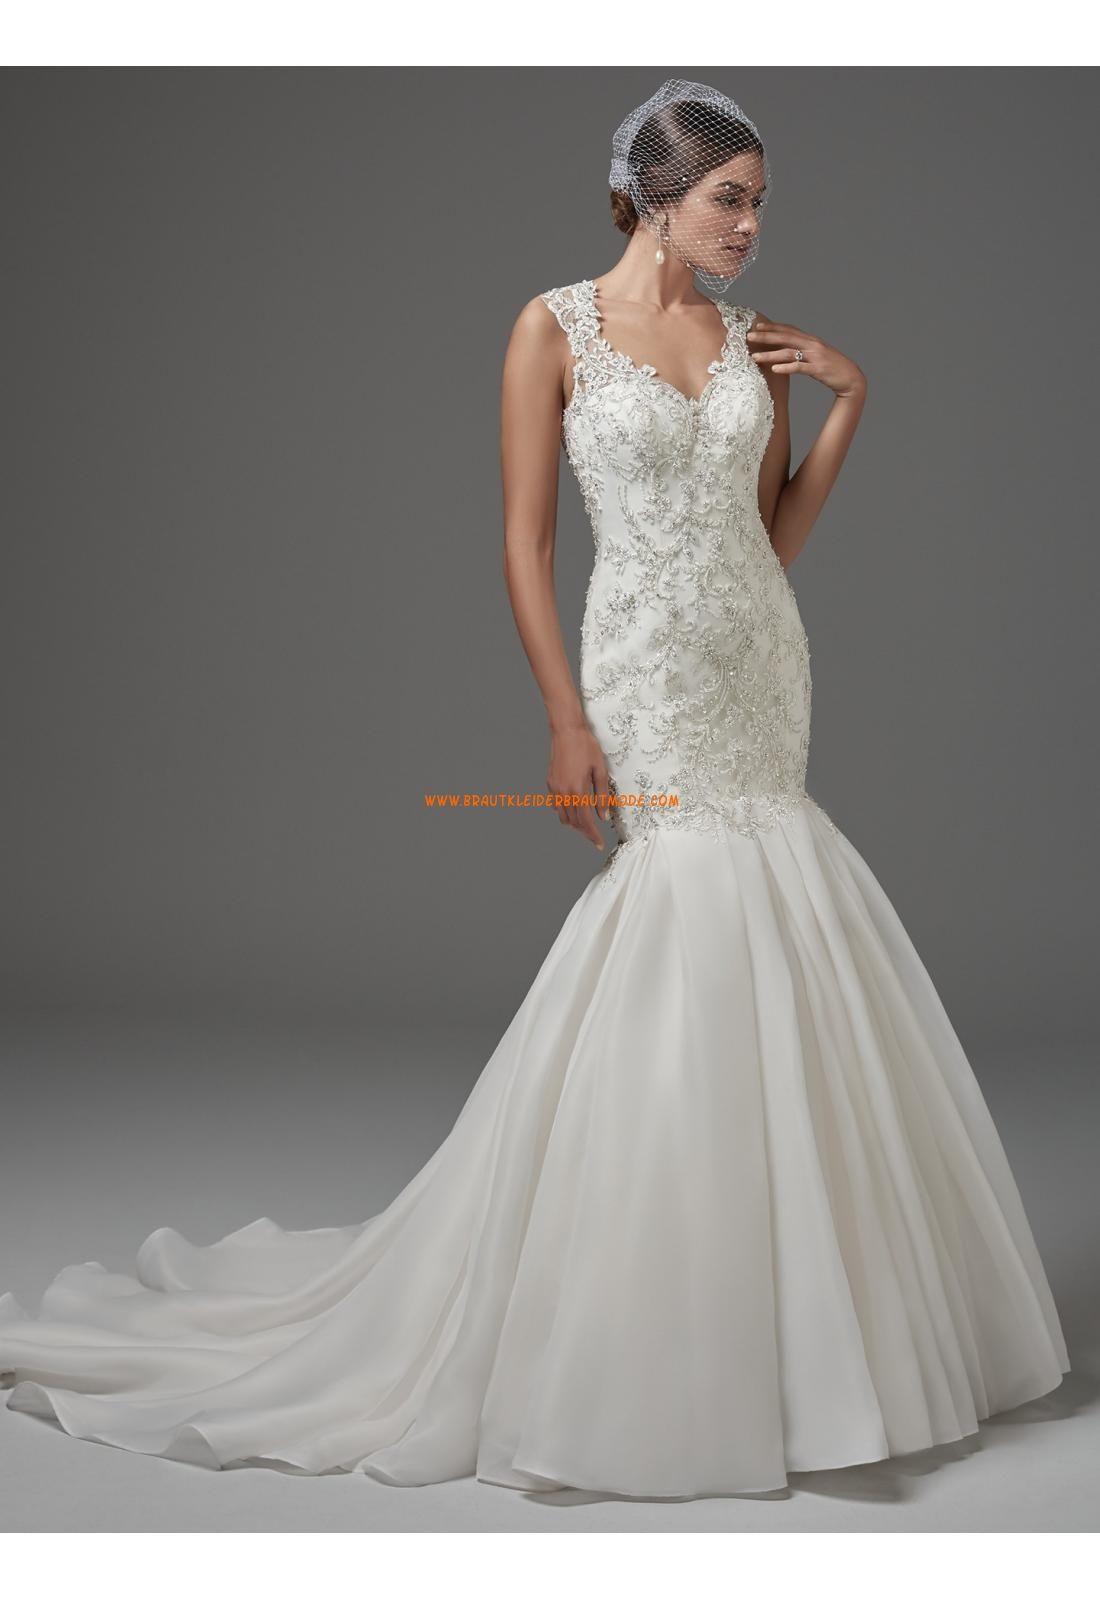 Außergewöhnliche Luxuriöse Glamouröse Brautkleider aus Satin mit ...